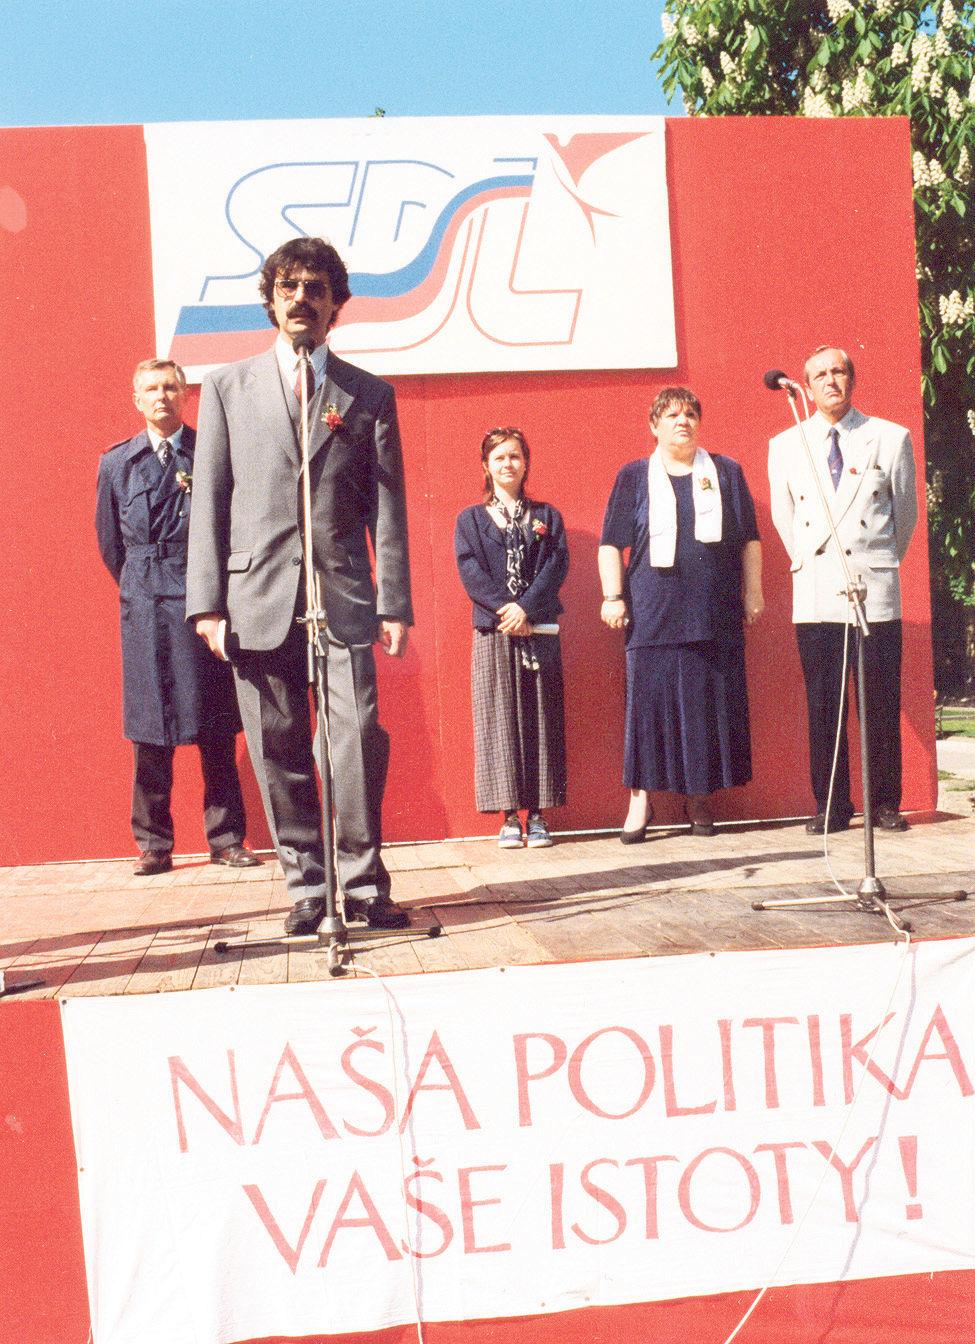 Prvomájový míting SDĽ v roku 1999 na Hviezdoslavovom námestí. Reční predseda bratislavského výboru Milan Ftáčnik, vľavo poslanec NR SR Ladislav Ballek.